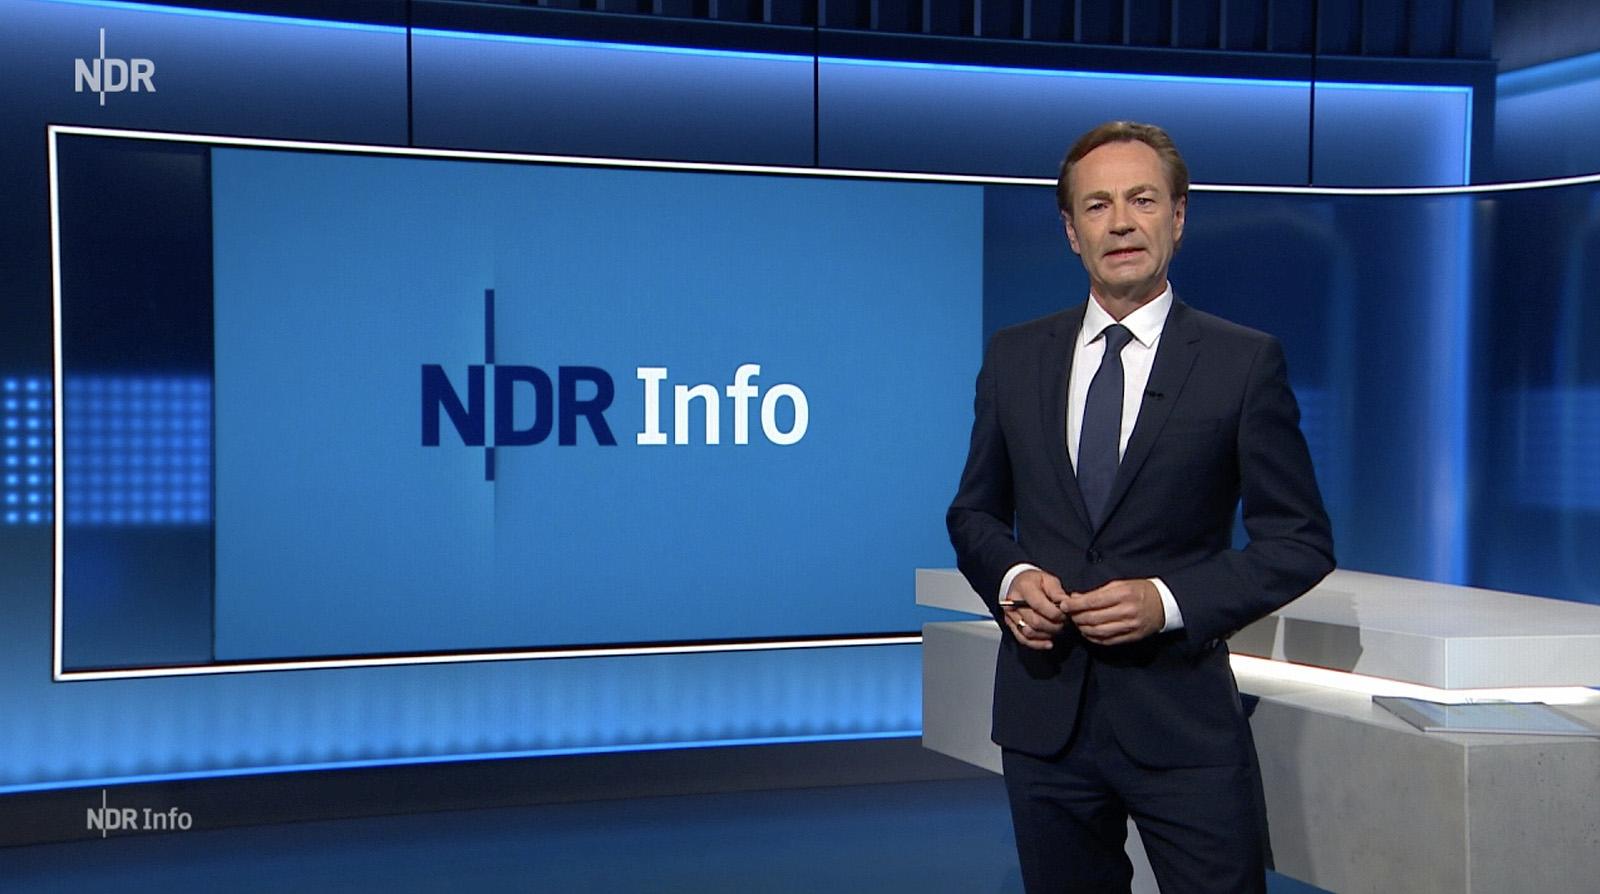 NCS_NDR-Info_Studio_2019_0002